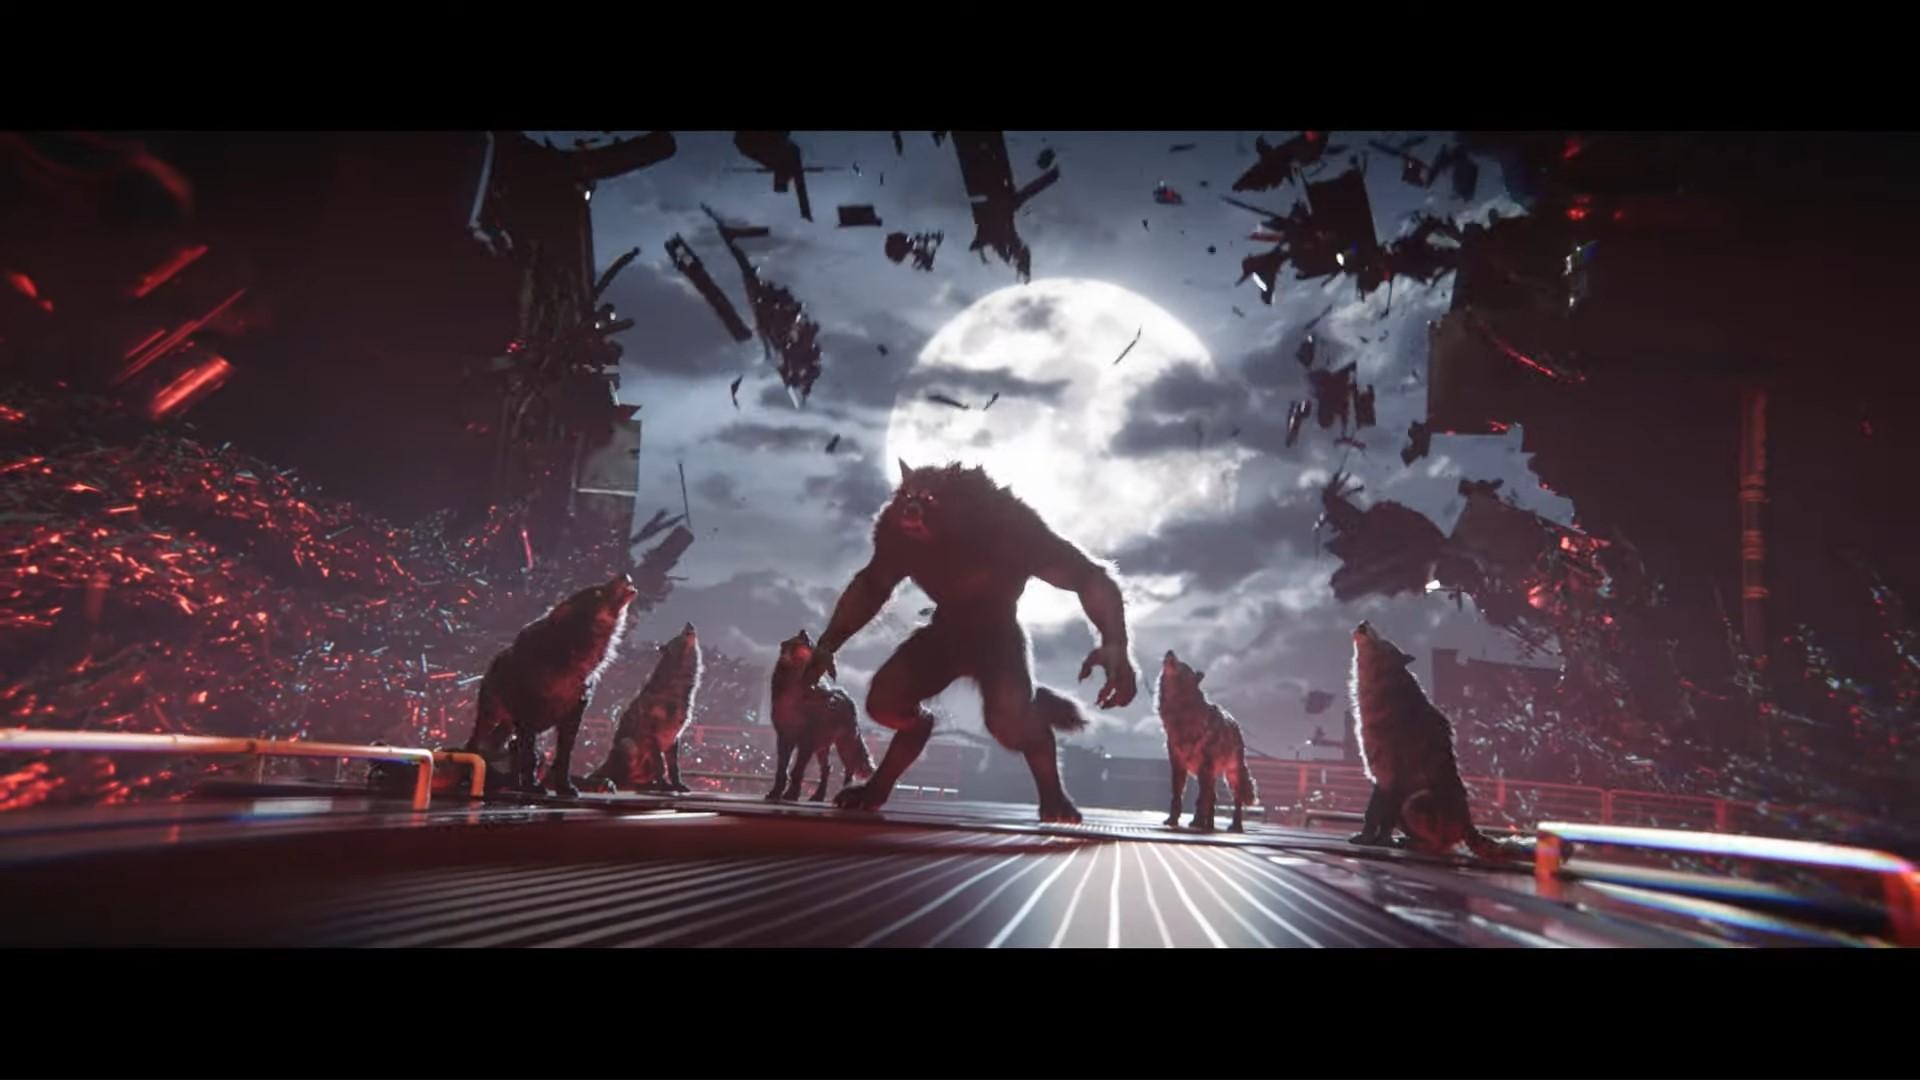 jugar como un hombre lobo en werewolf The Apocalypse: Earthblood jugar